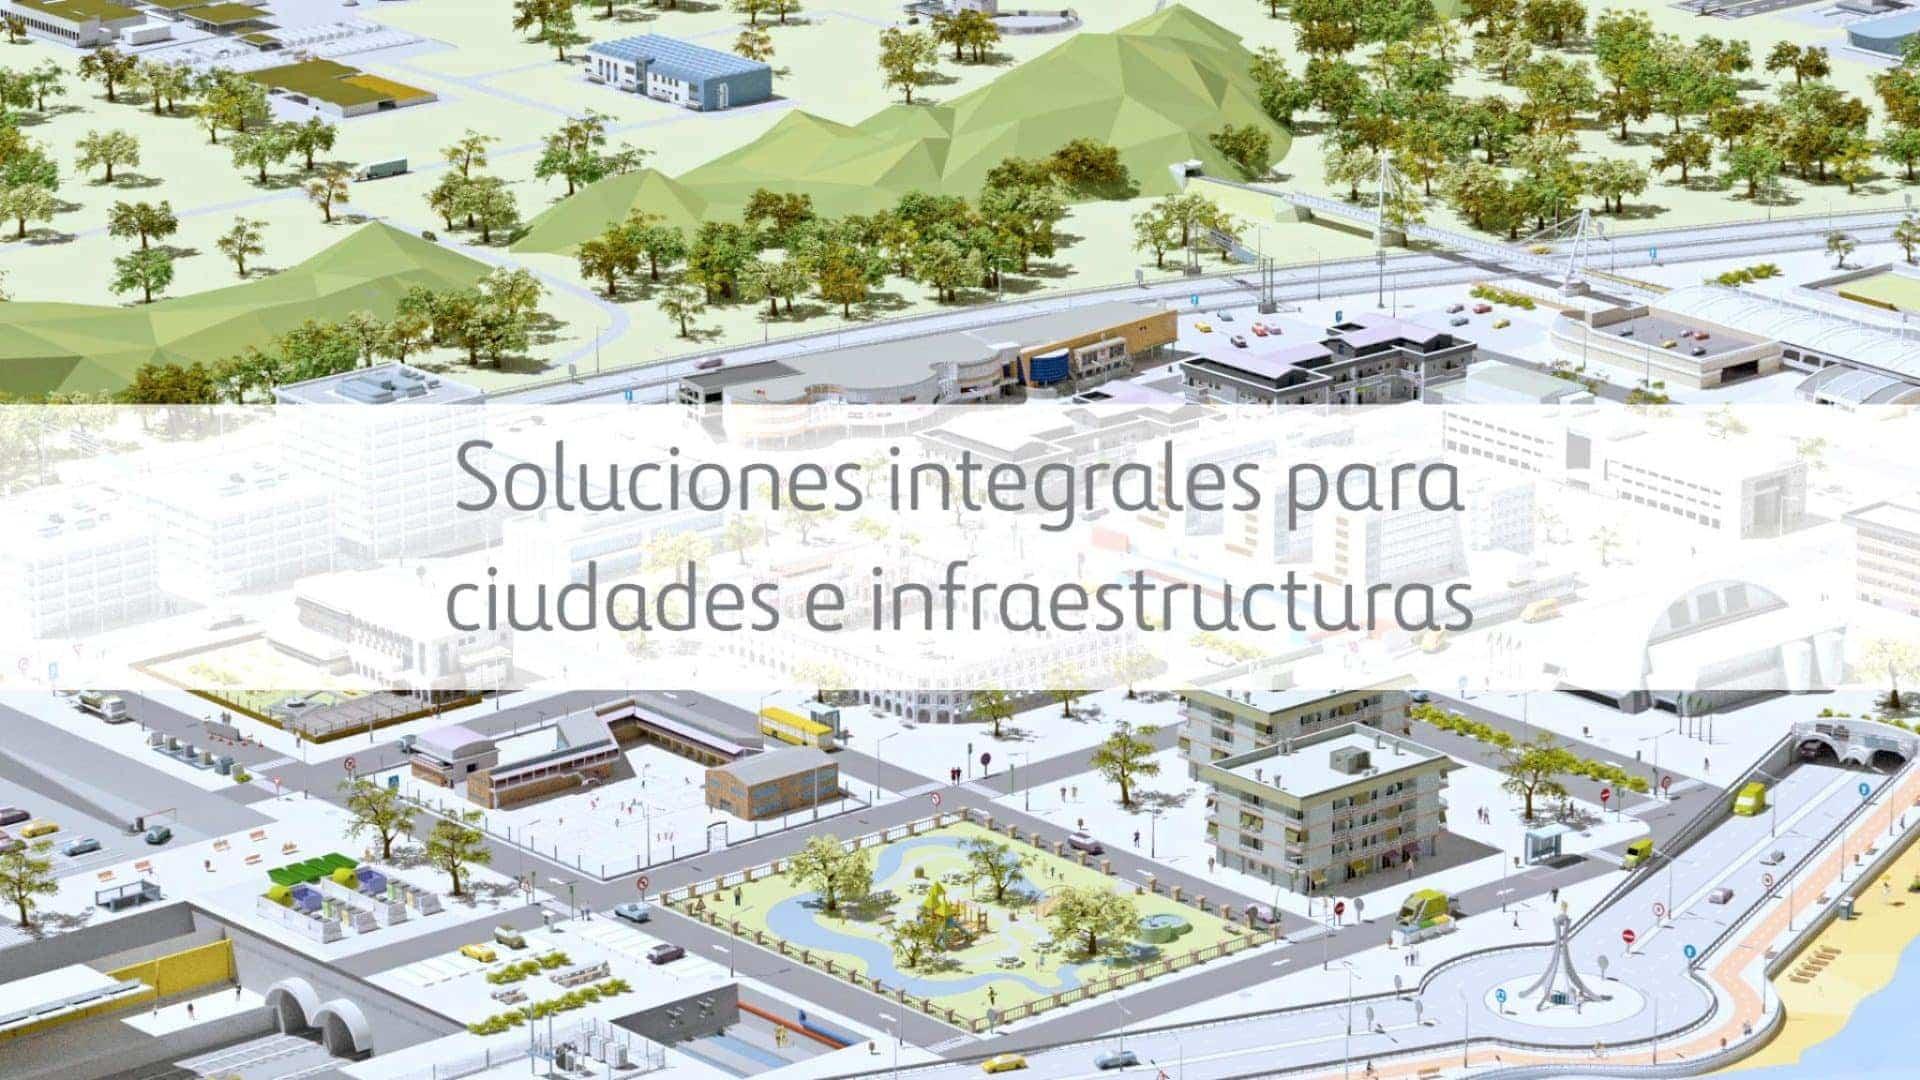 soluciones integrales ciudades e infraestructuras ferrovial